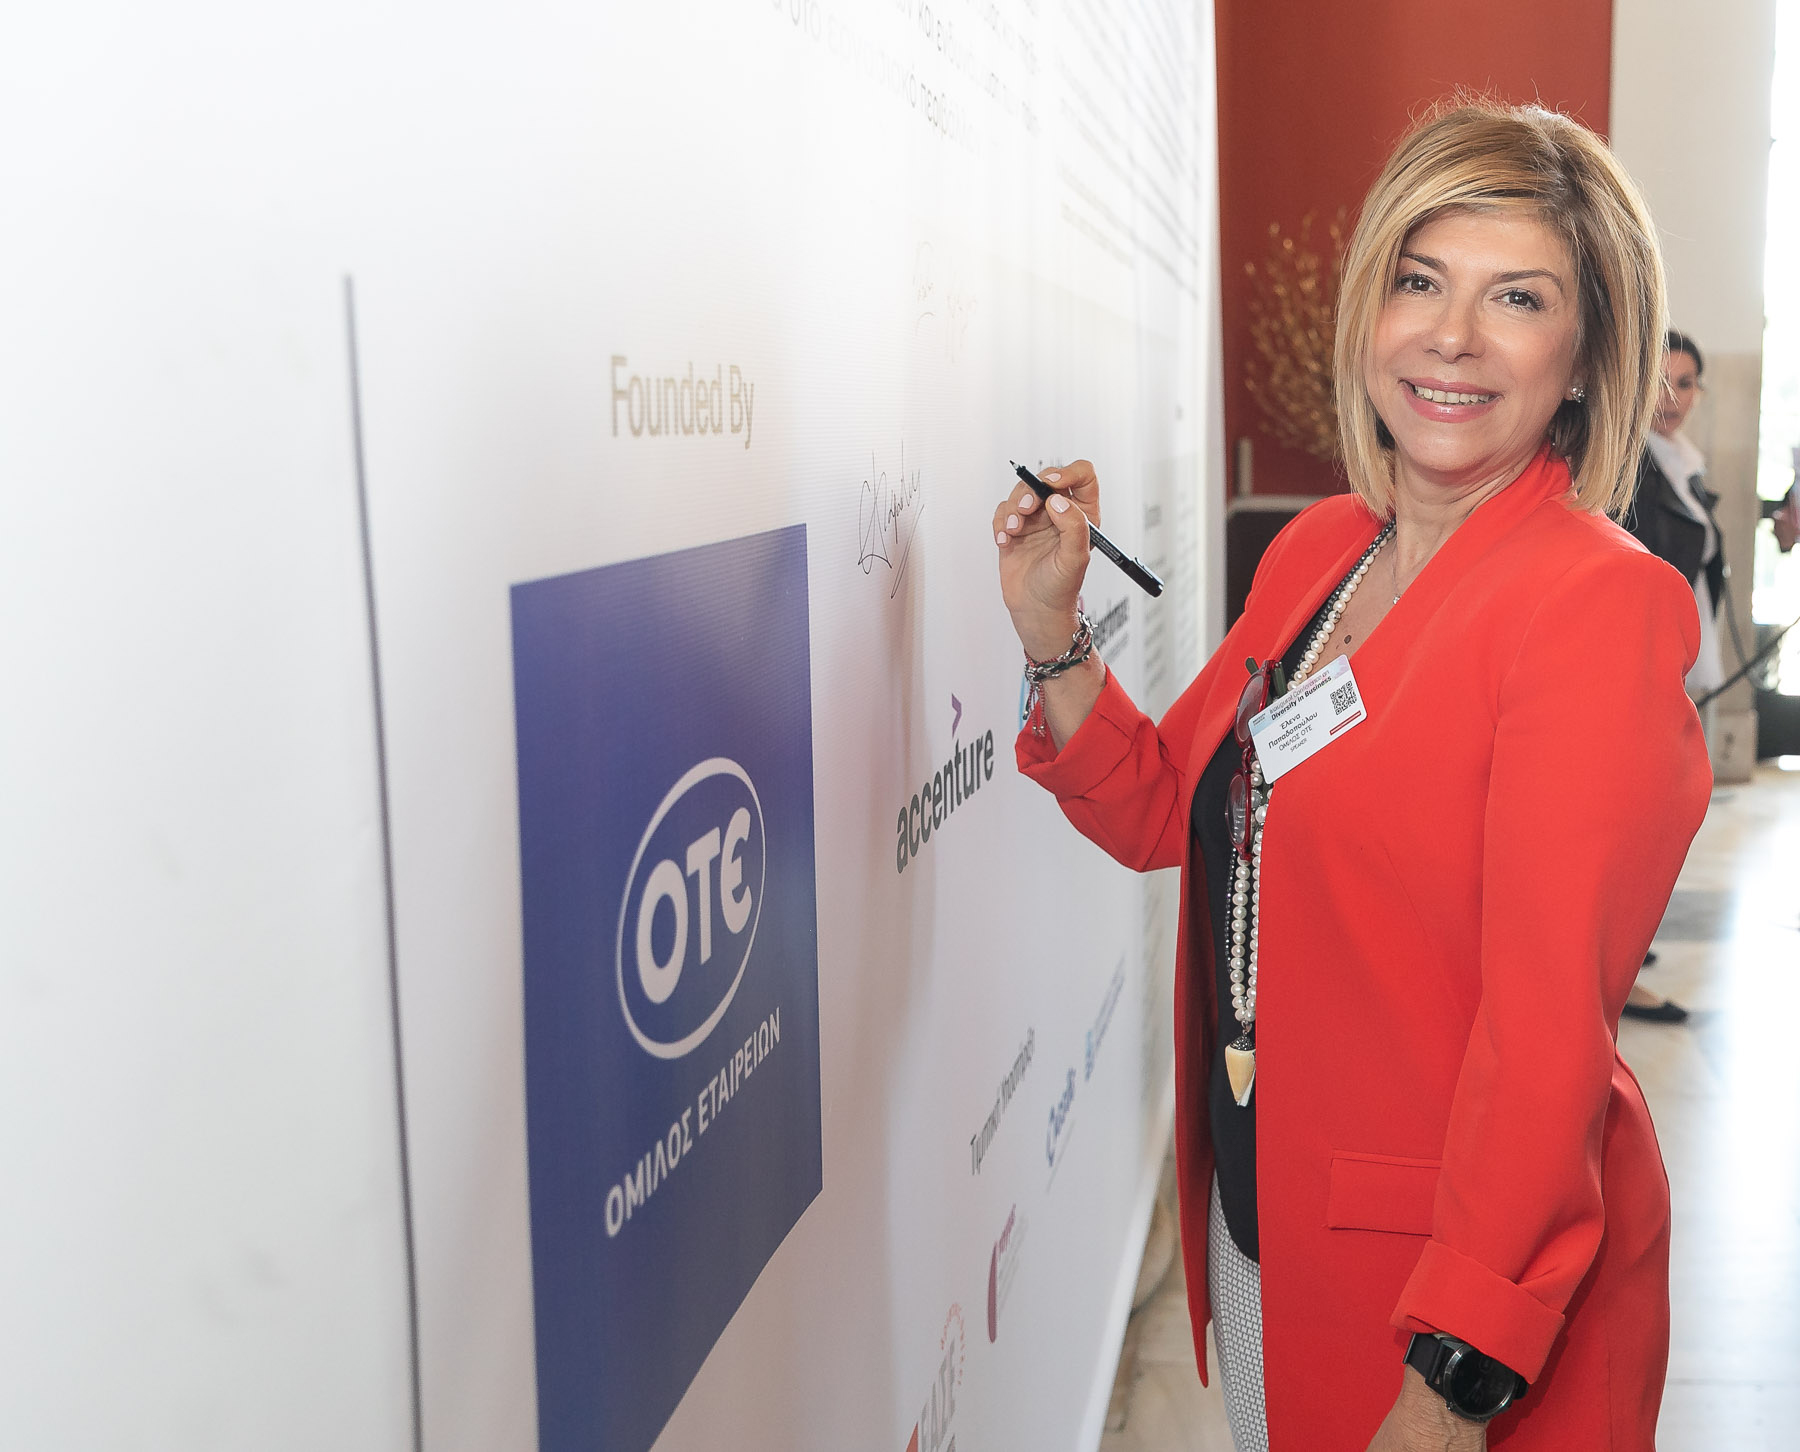 Η Chief Officer Ανθρώπινου Δυναμικού Ομίλου ΟΤΕ, κα Έλενα Παπαδοπούλου υπογράφει τη Χάρτα Διαφορετικότητας